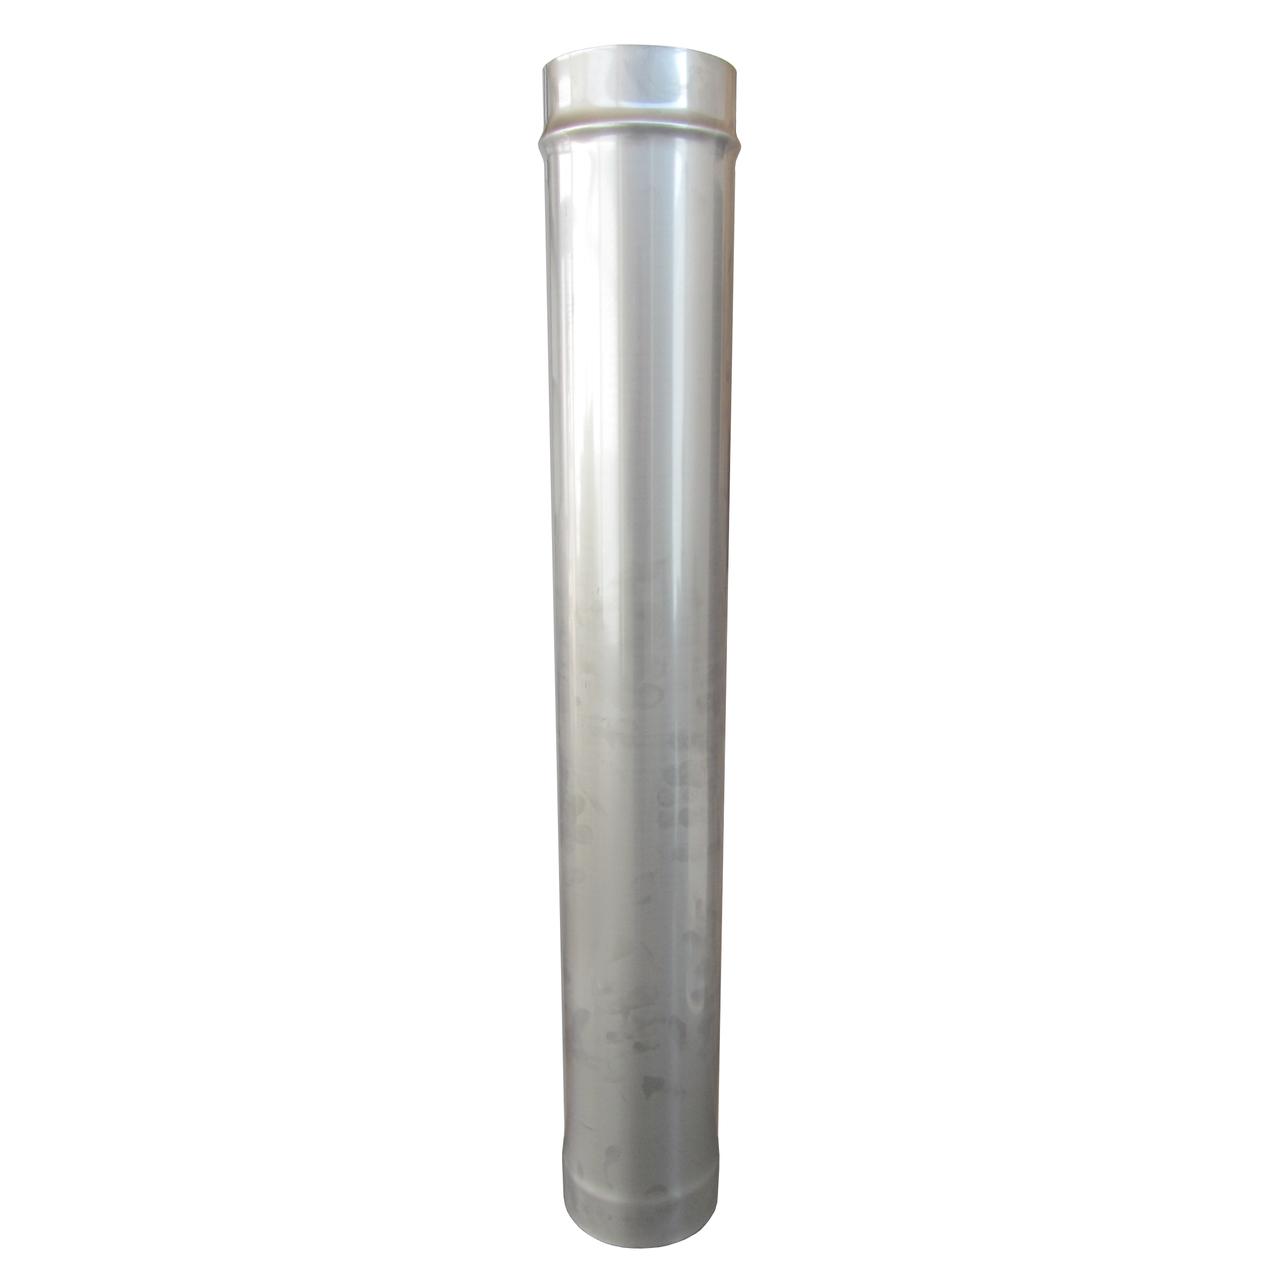 Труба ø160 мм 1 мм 1 метр AISI 321 Stalar димохідна одностінна для димоходу бані сауни з нержавіючої сталі